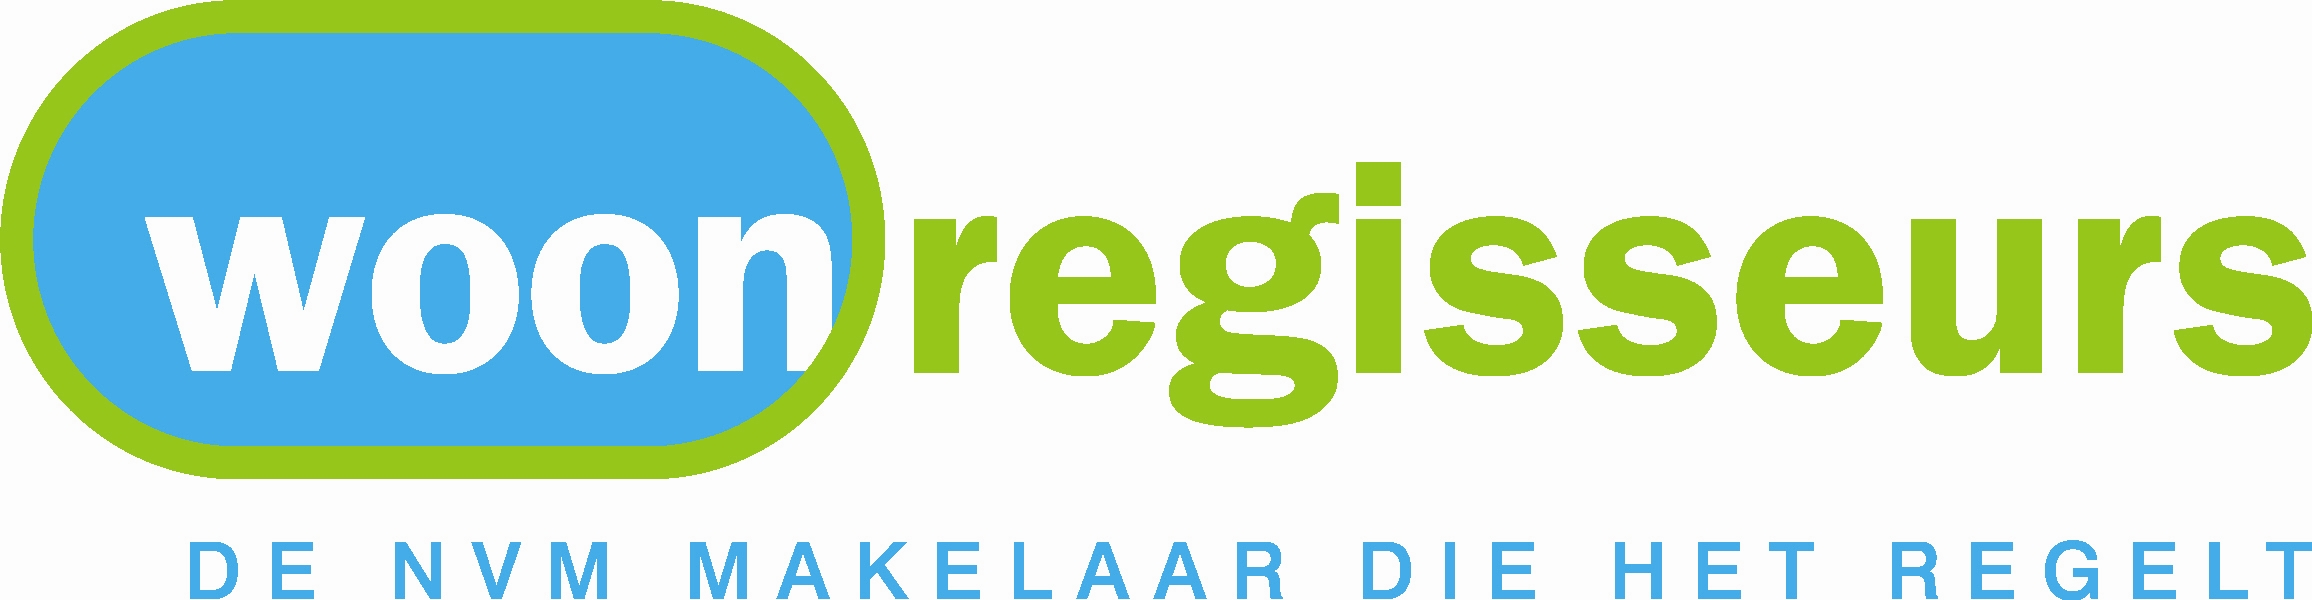 Logo Woonregisseurs makelaar Oss  NVM makelaars en woningmarketeers